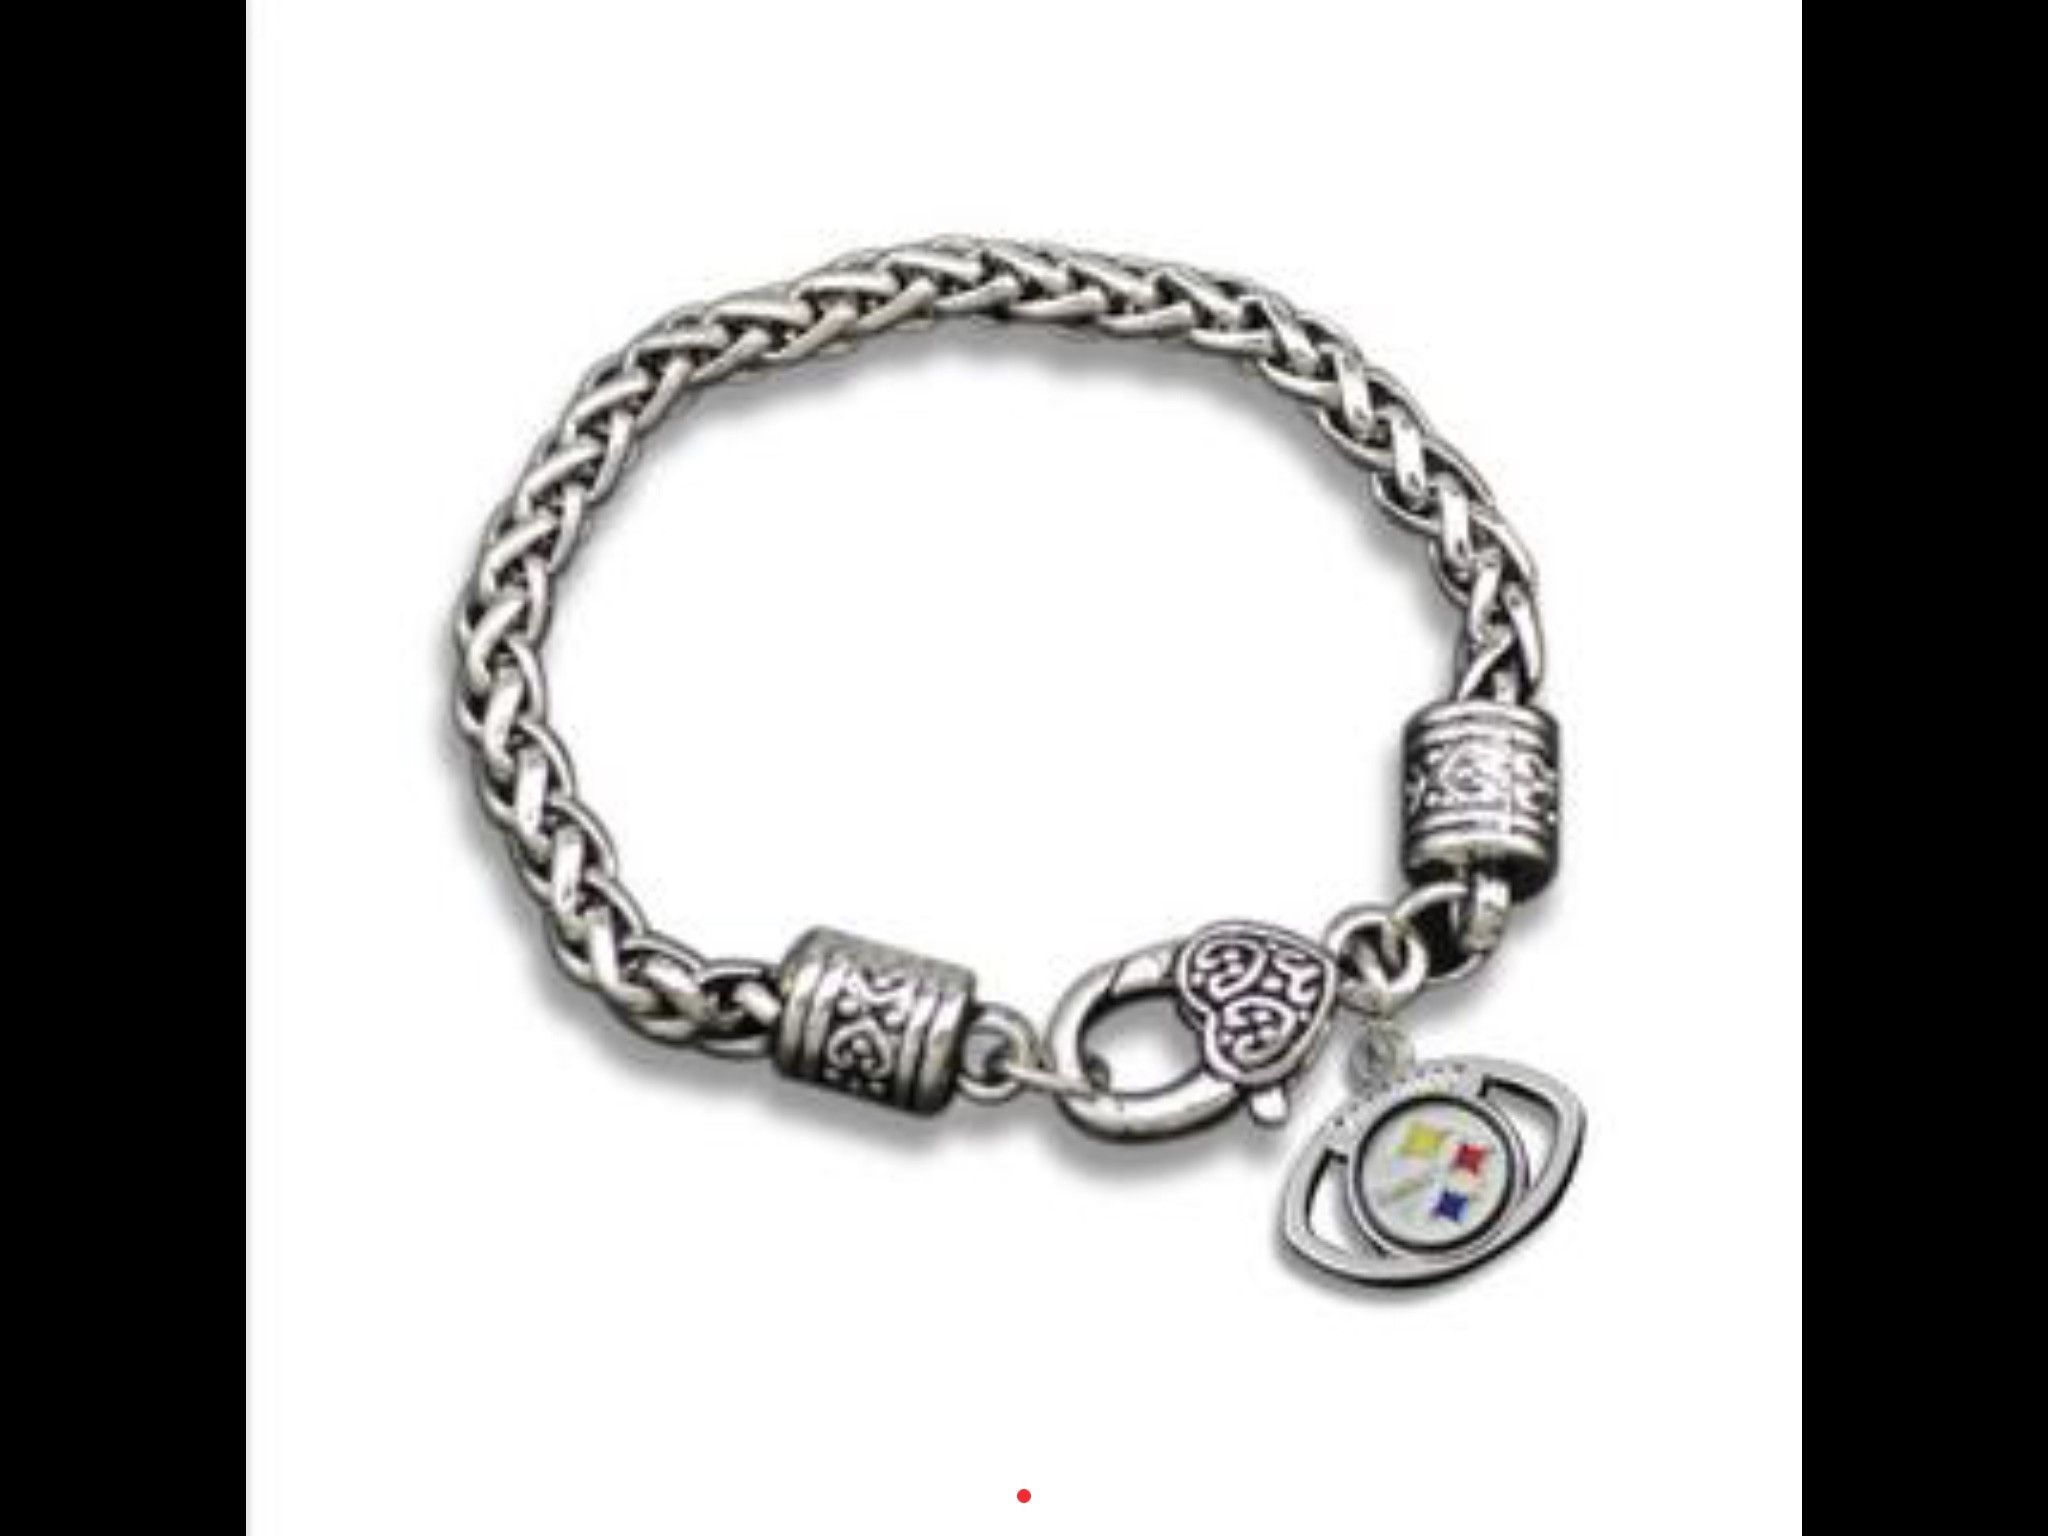 Pittsburgh Steeler Charm Bracelet